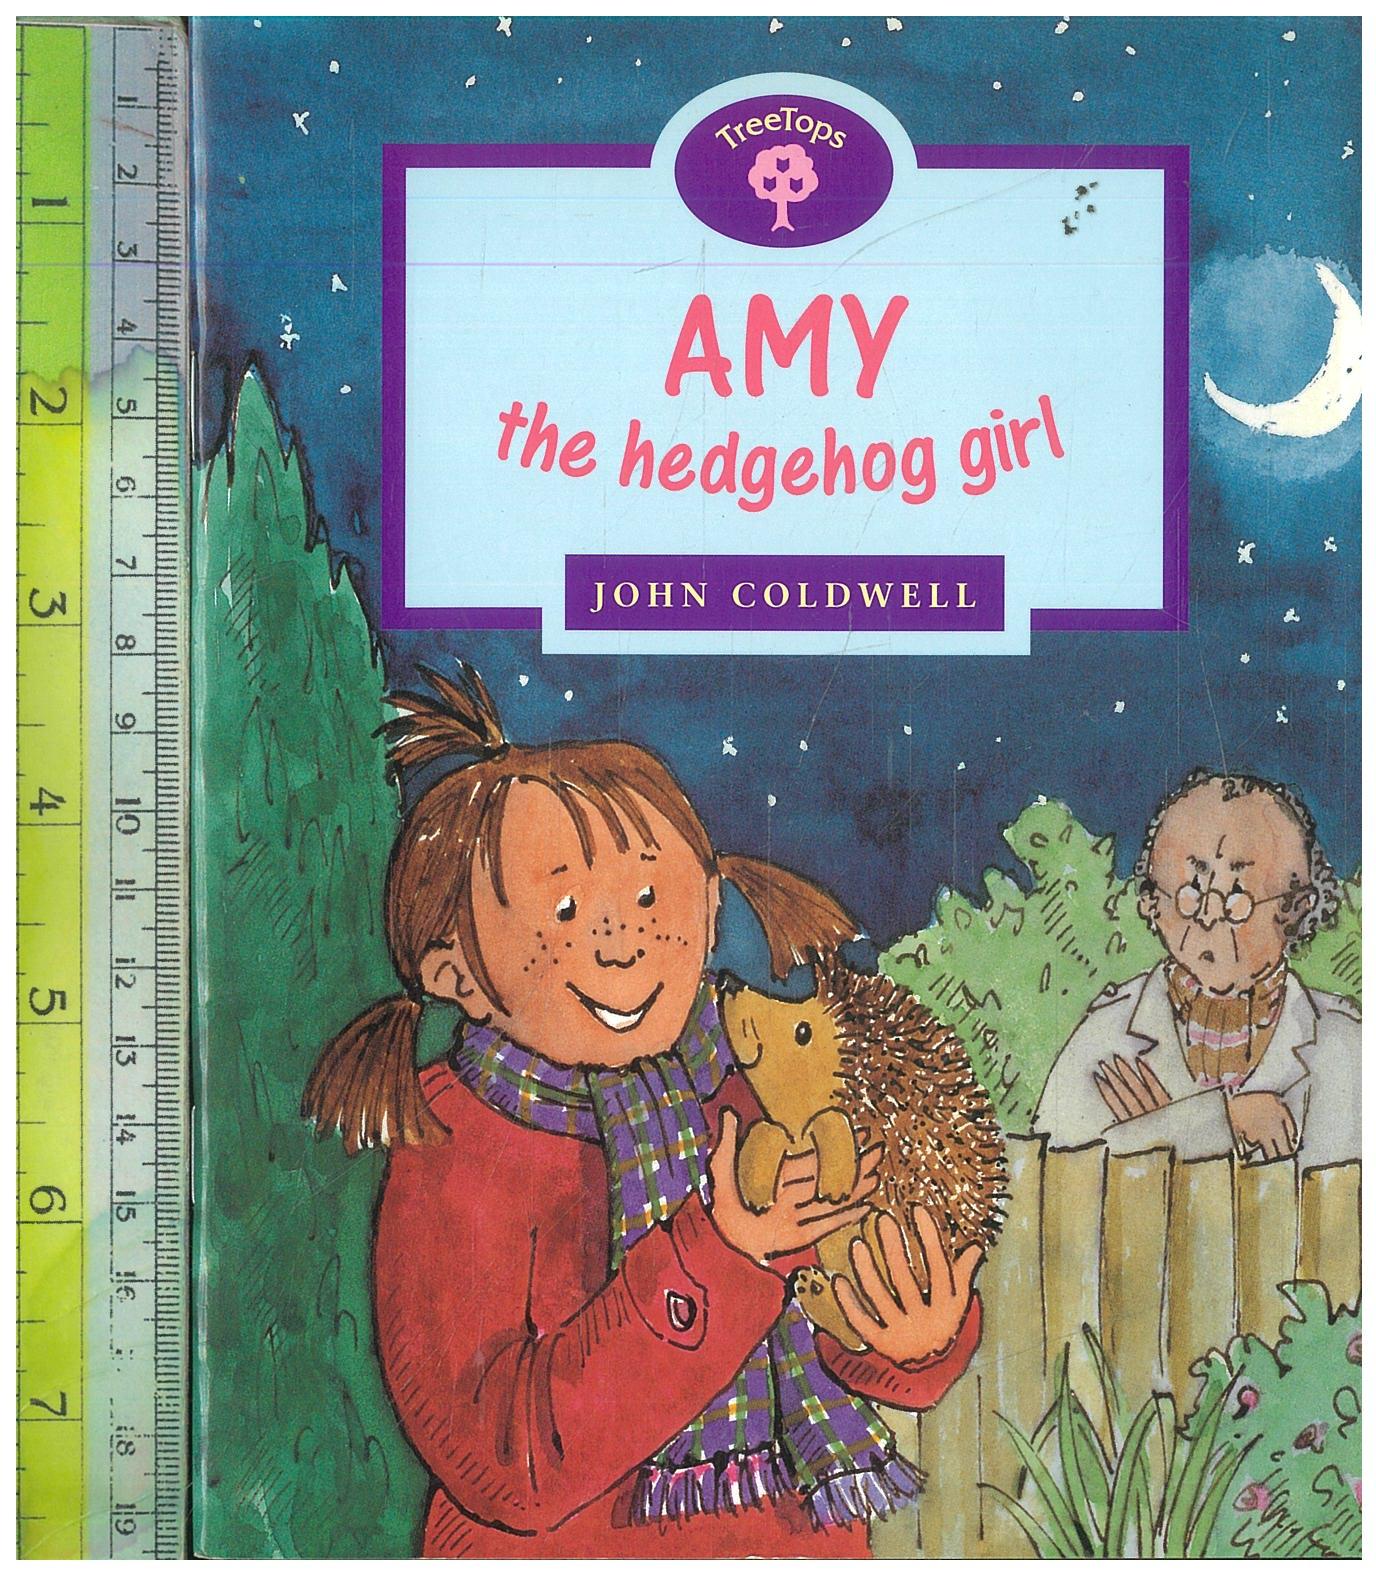 AMY hedgehog girl